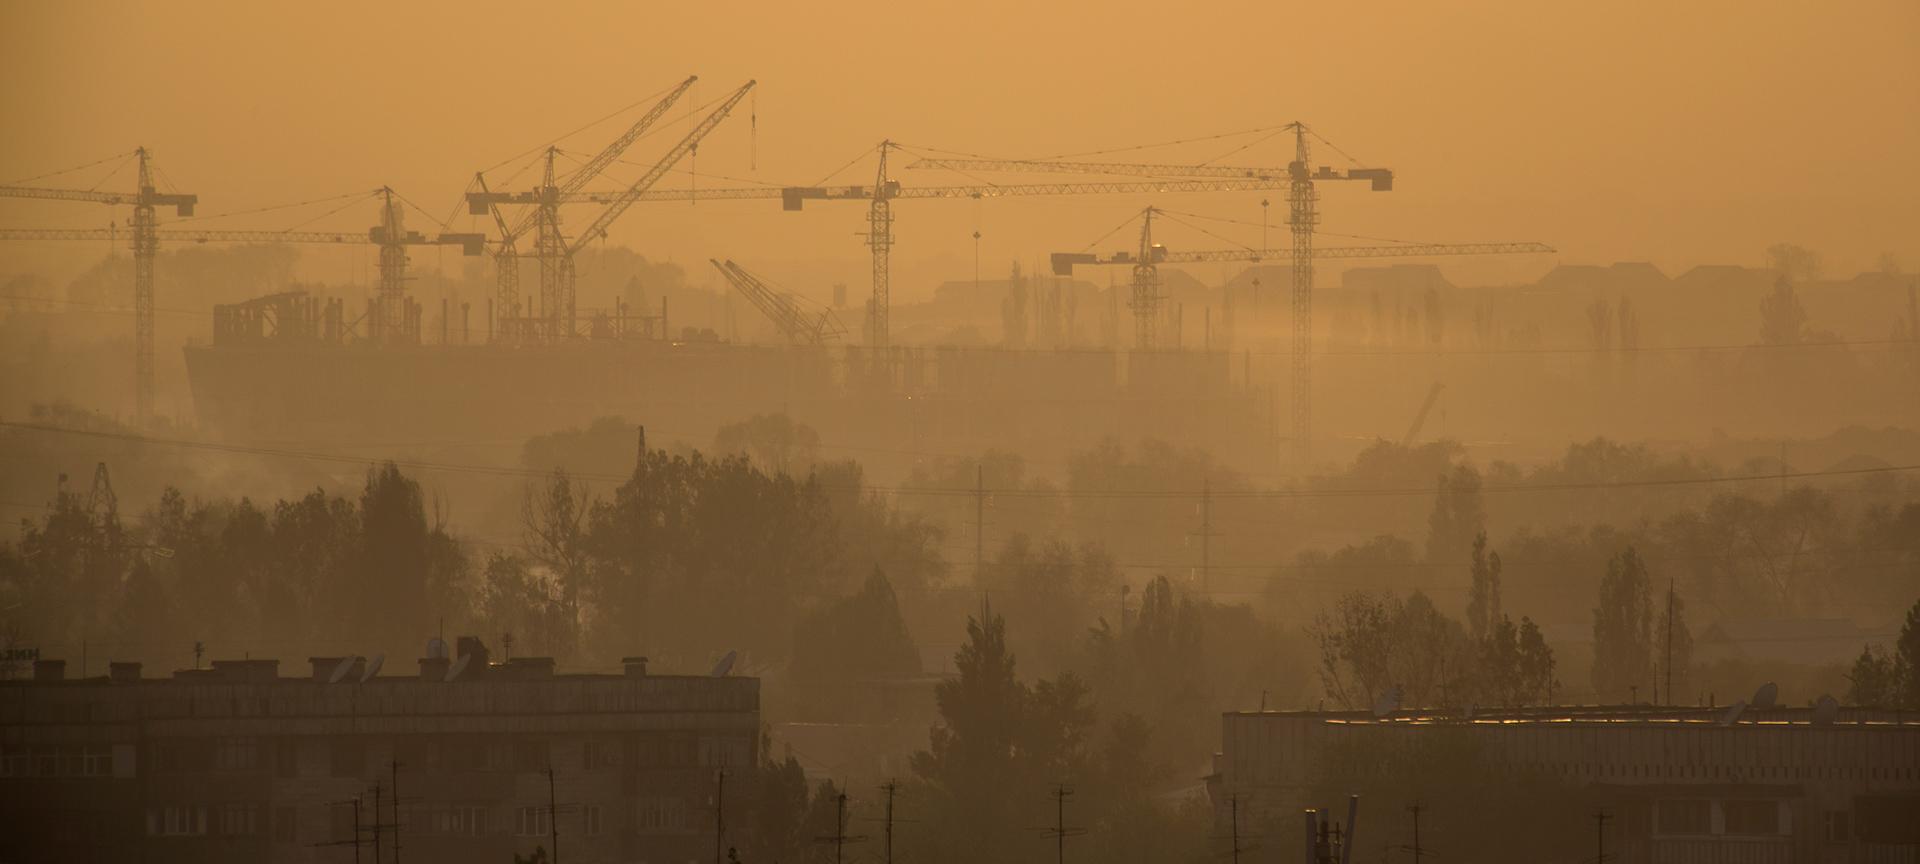 Noon, Almaty, dust, smoke, smog, construction, Kazakhstan